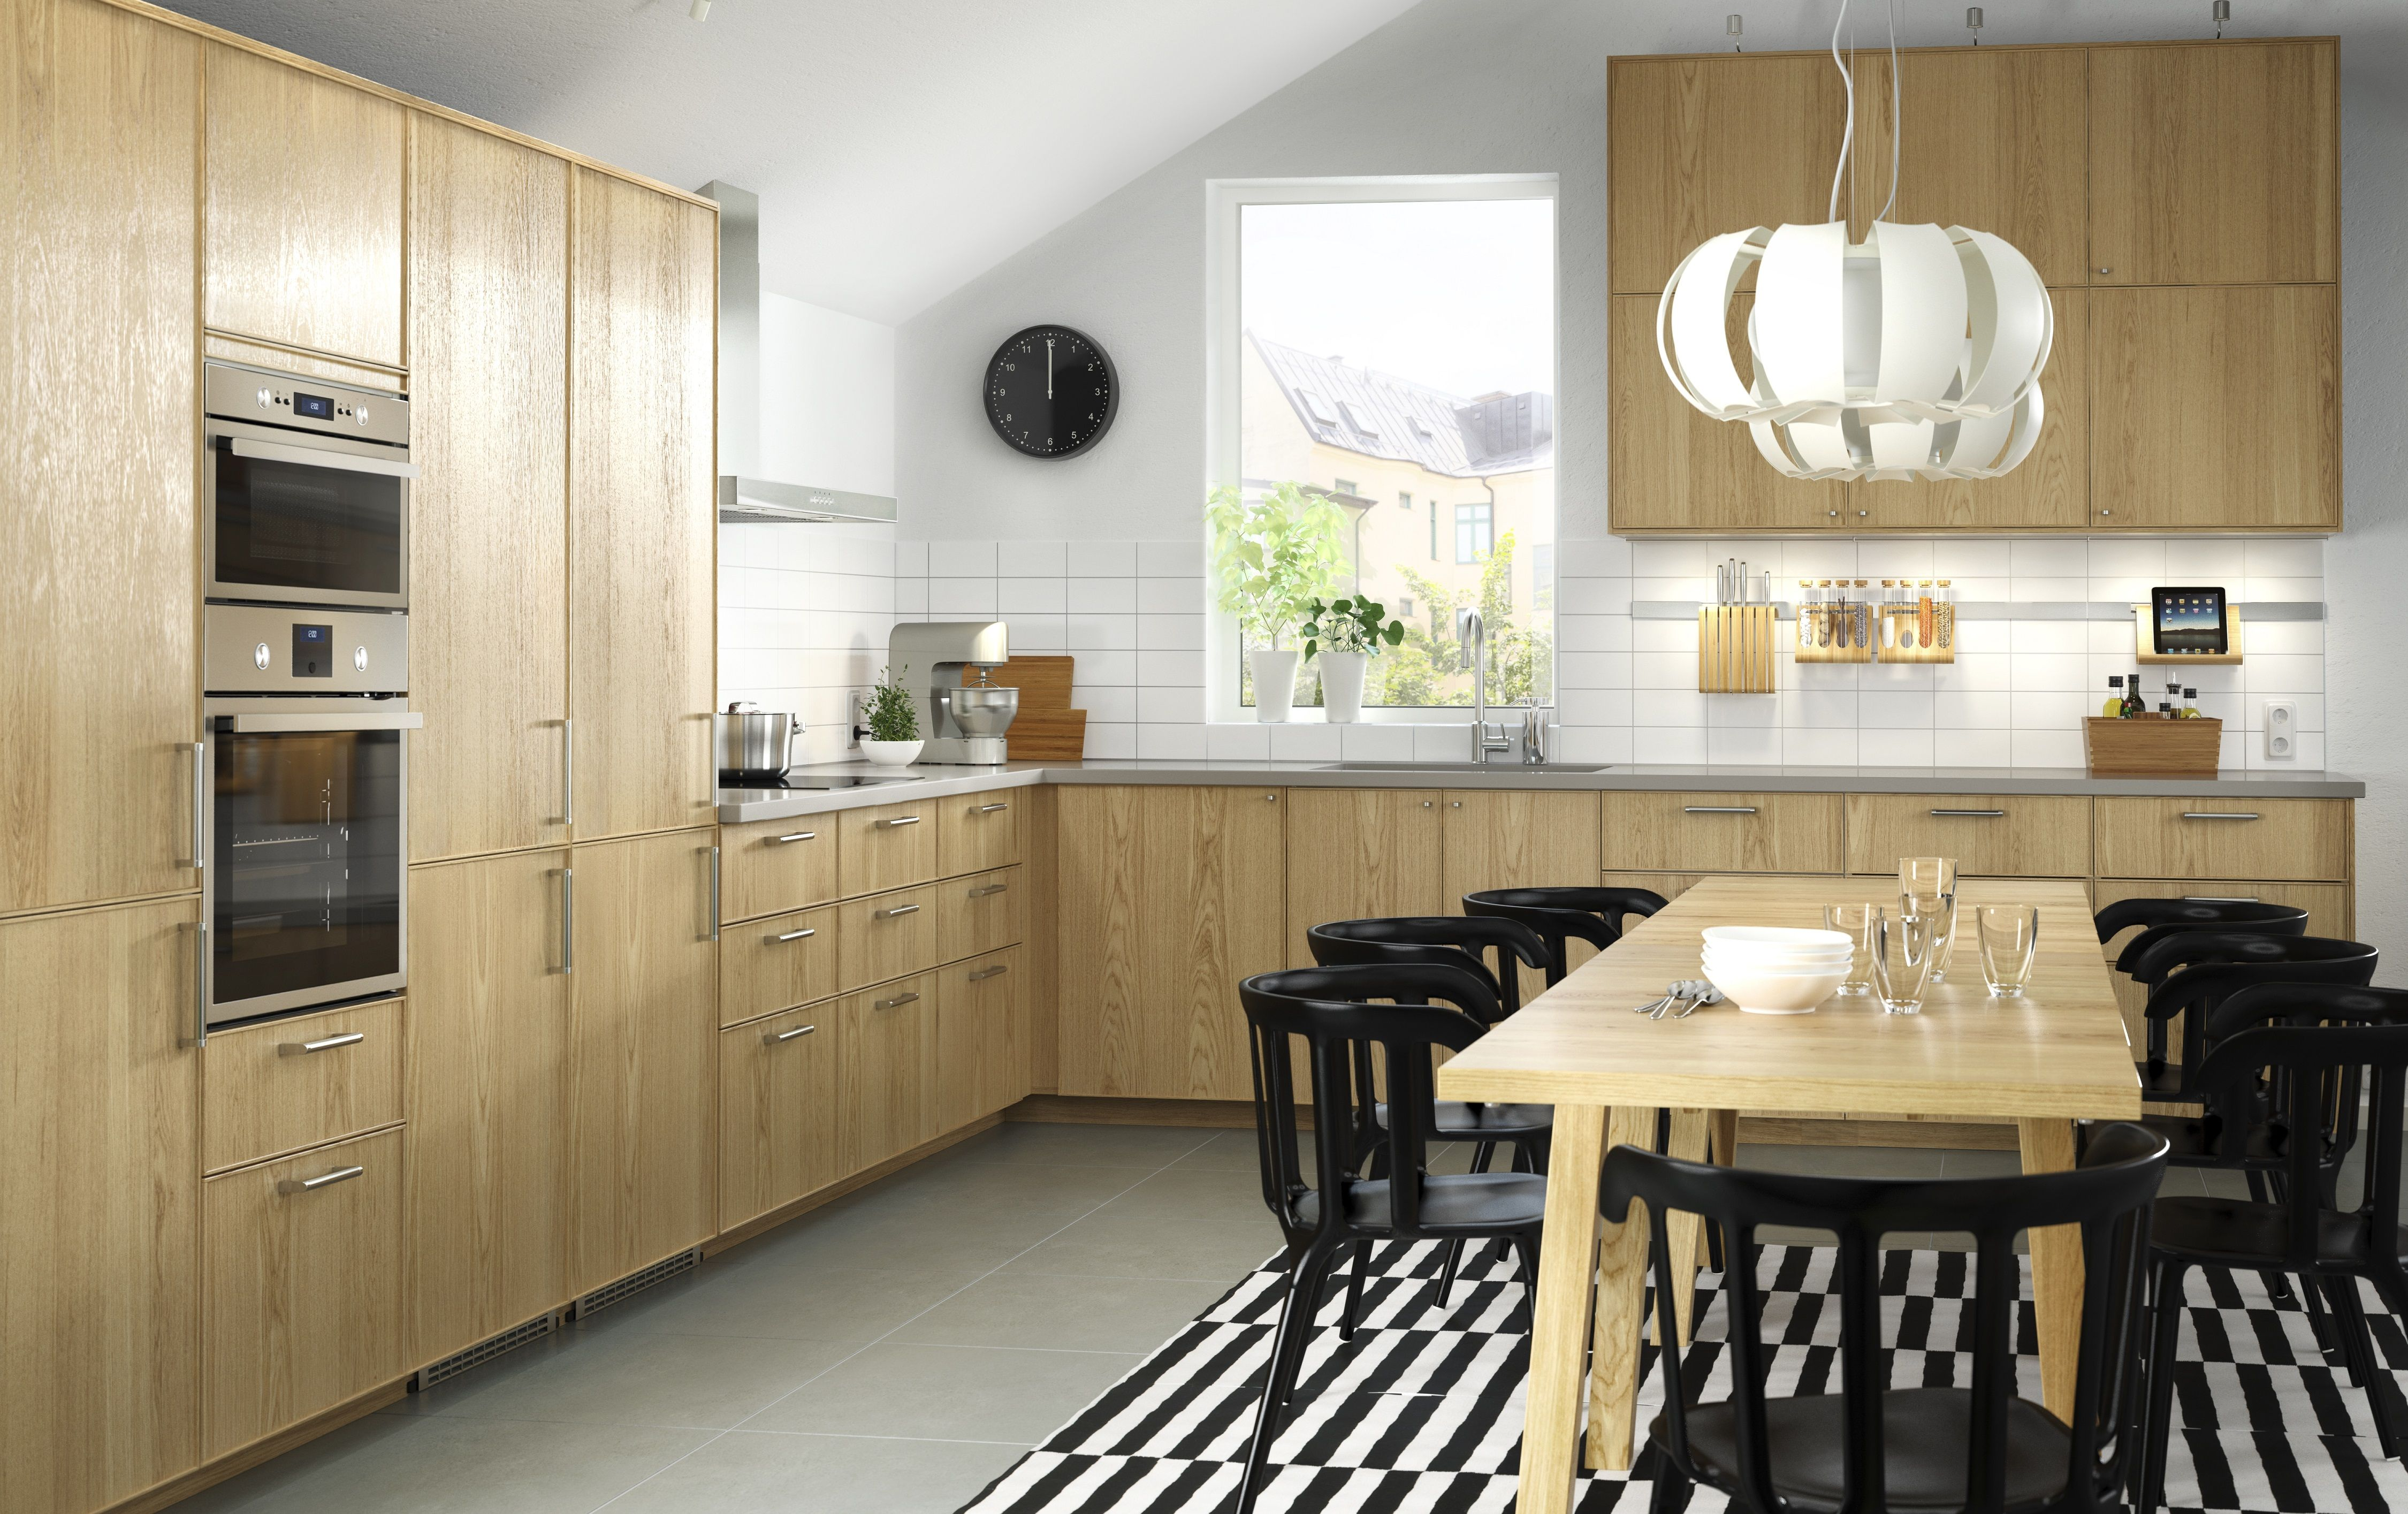 Keuken Ikea Houten : Metod keuken ikea ikeanl hout eetkeuken keukensysteem